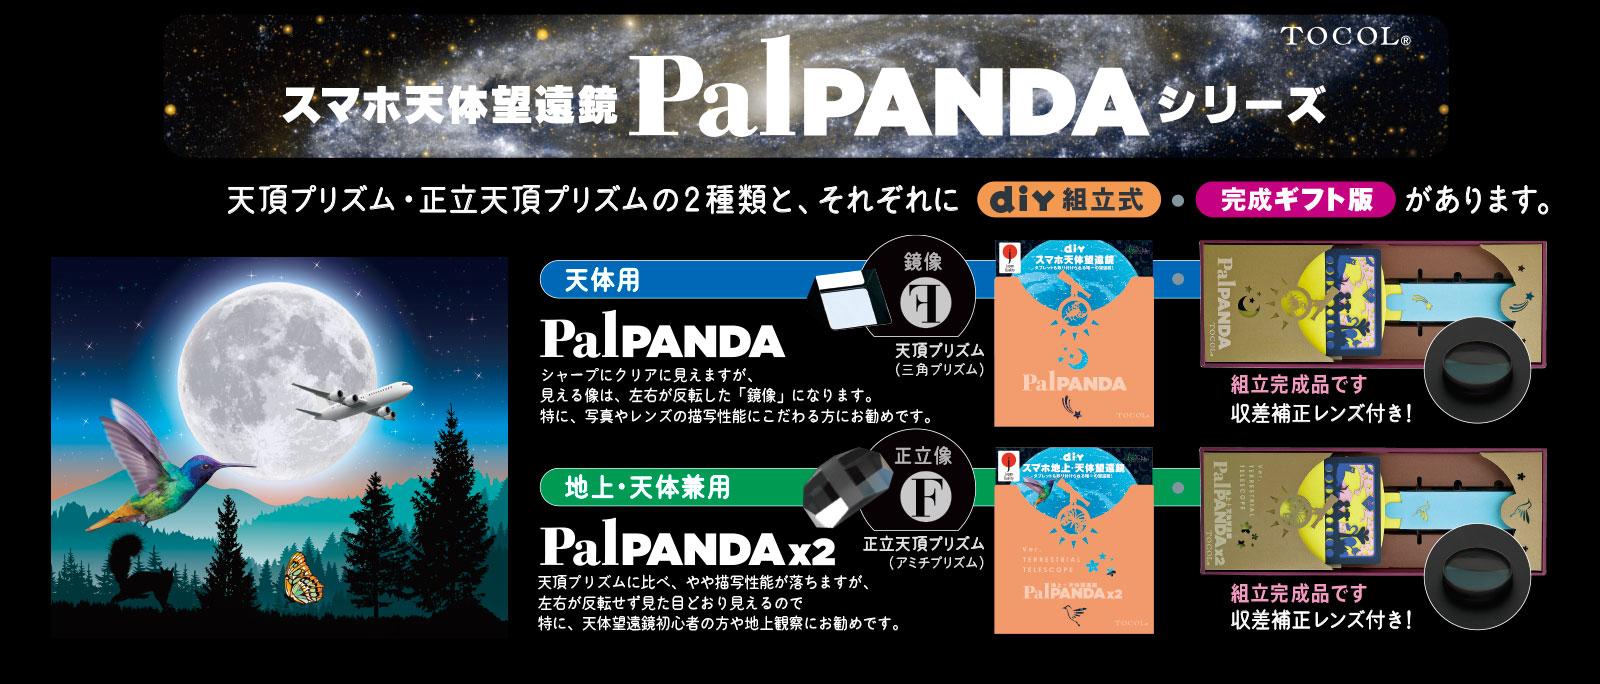 PalPANDAシリーズ